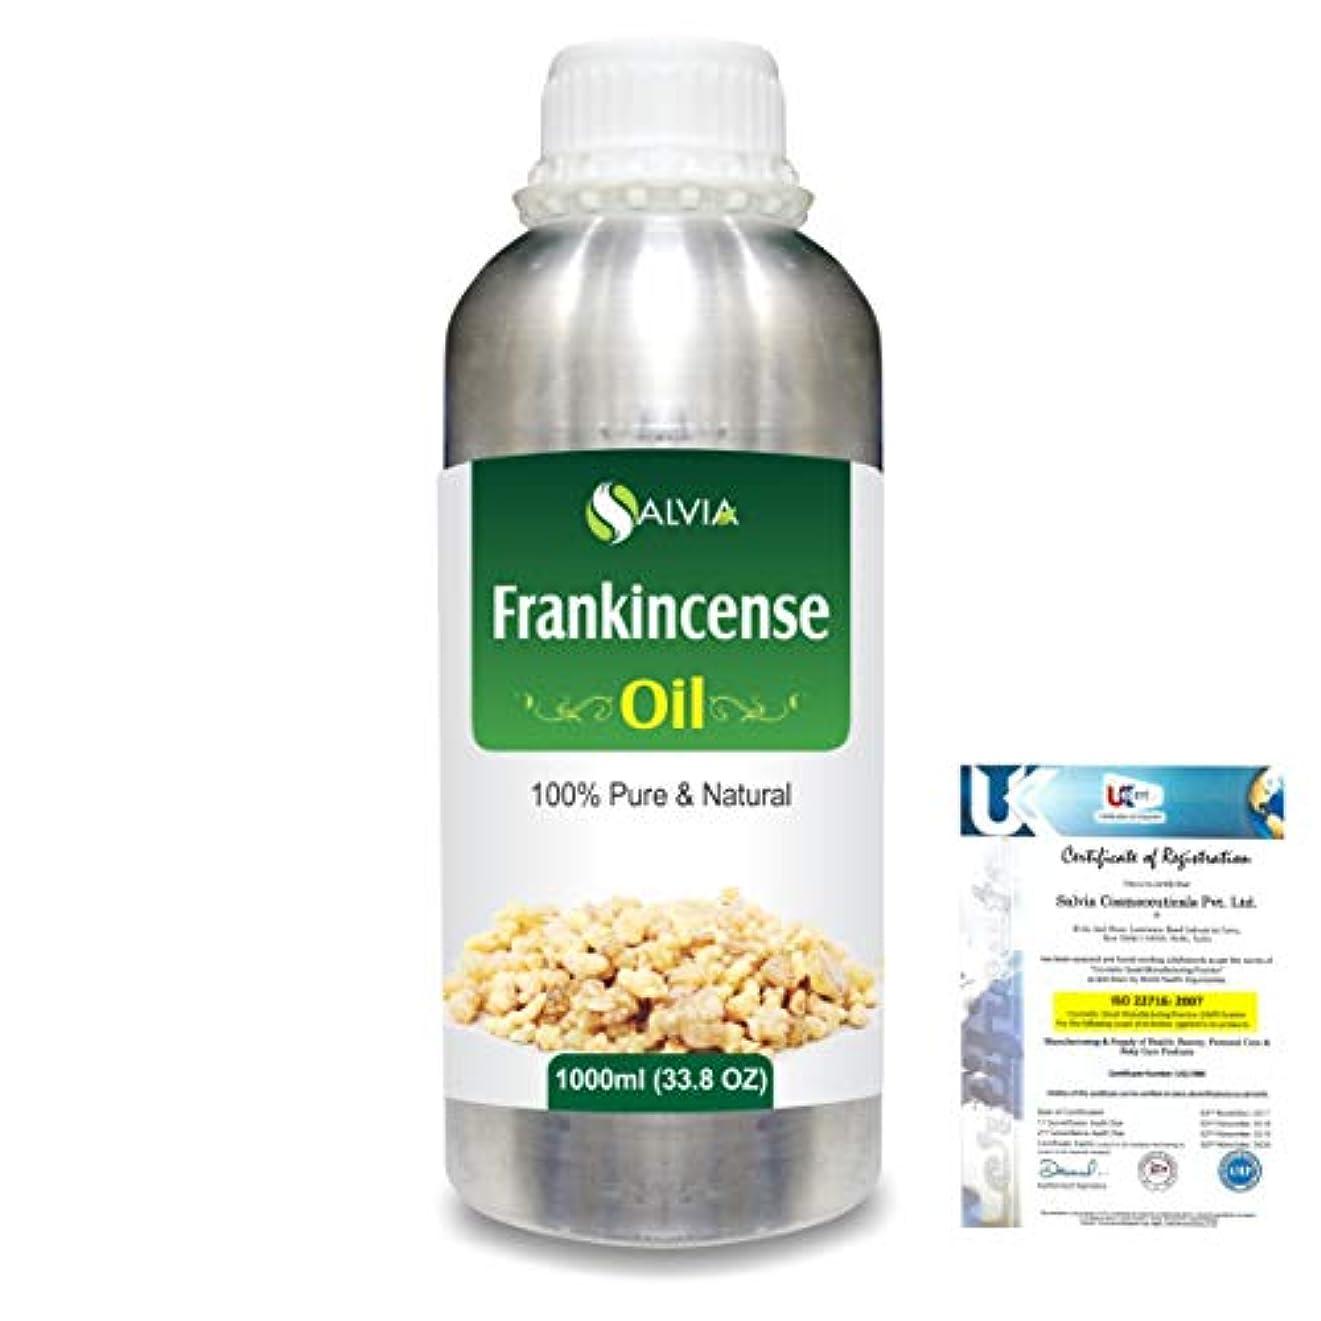 髄聖なる内なるFrankincense (Boswellia carteri) 100% Natural Pure Essential Oil 1000ml/33.8fl.oz.